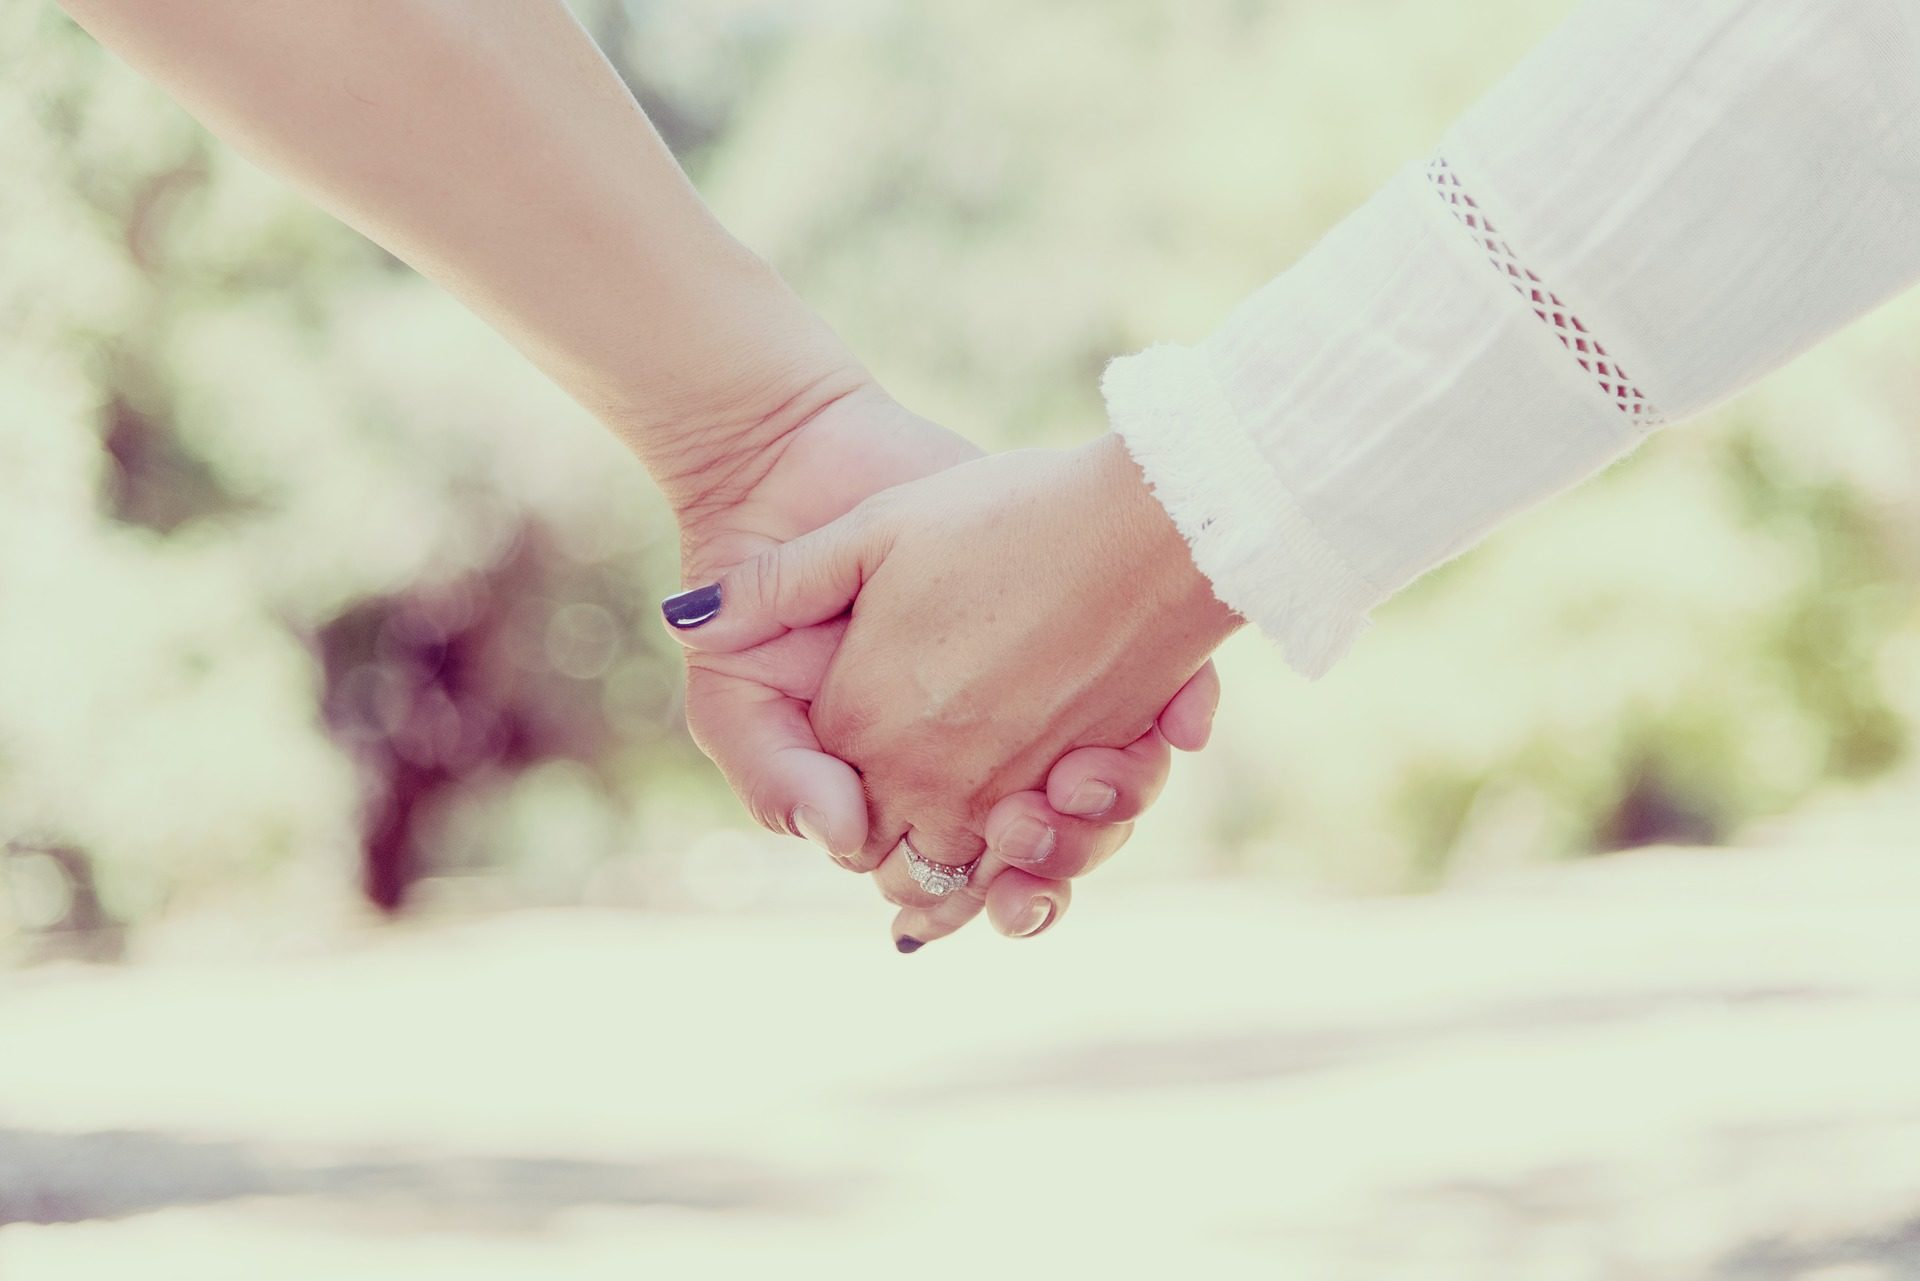 mani, coppia, uomo, donna, amore, amicizia, relazione - Sfondi HD - Professor-falken.com